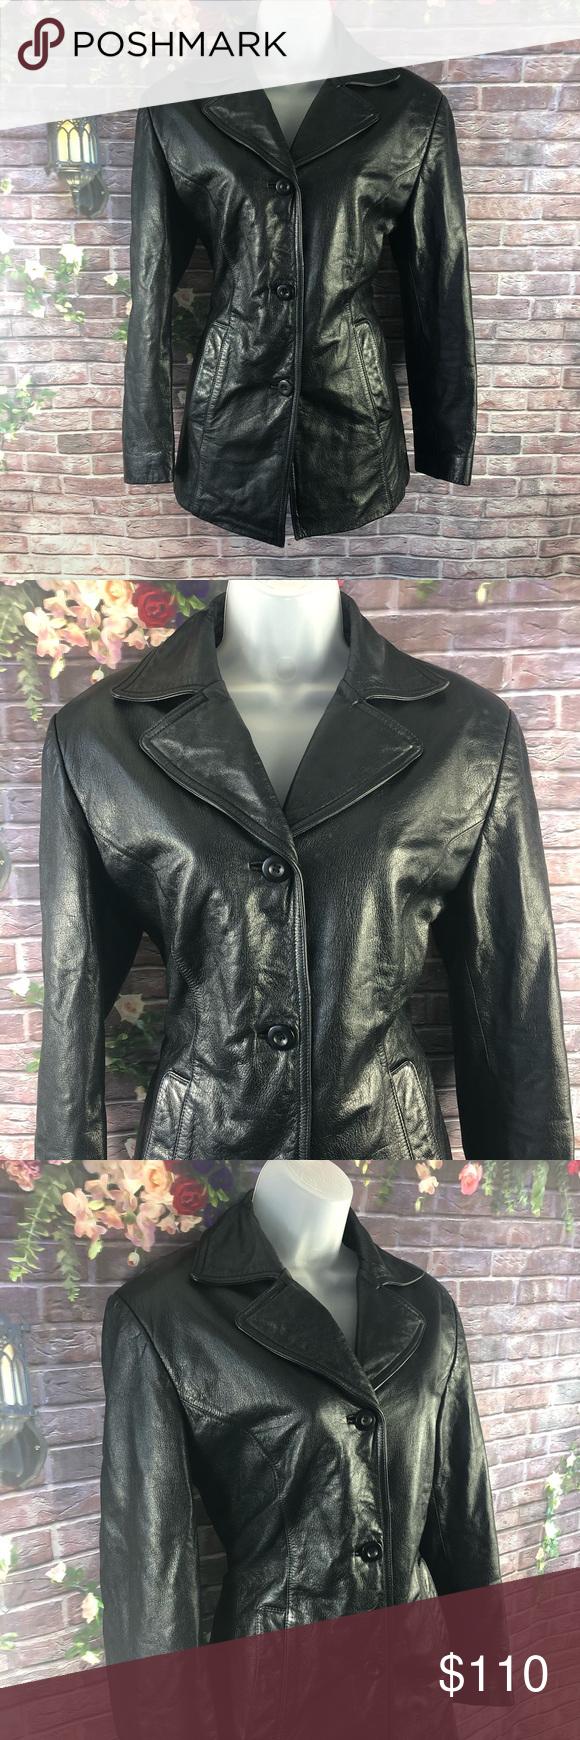 Máxima Wilsons Leather Women's Blazers Jacket S (With